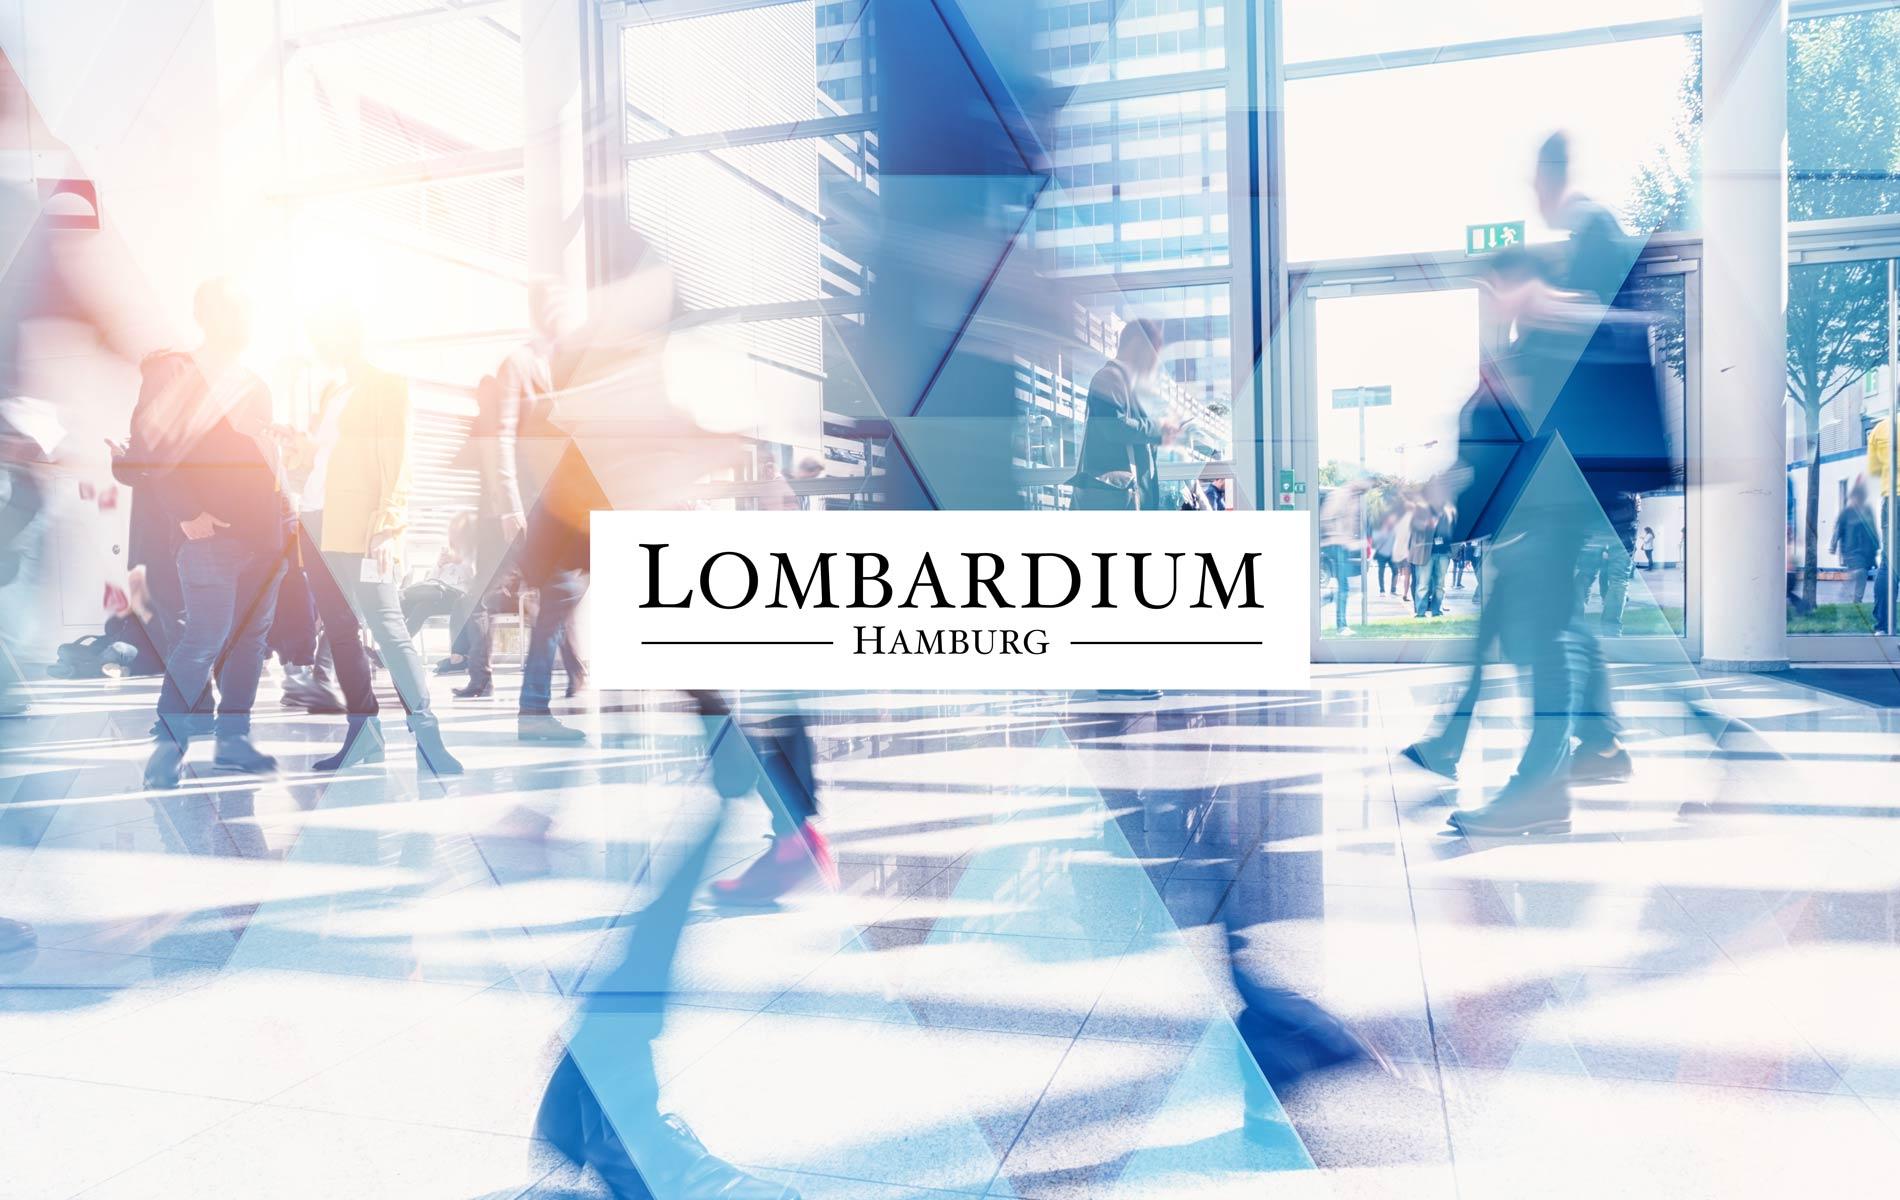 Lombardium in der Krise